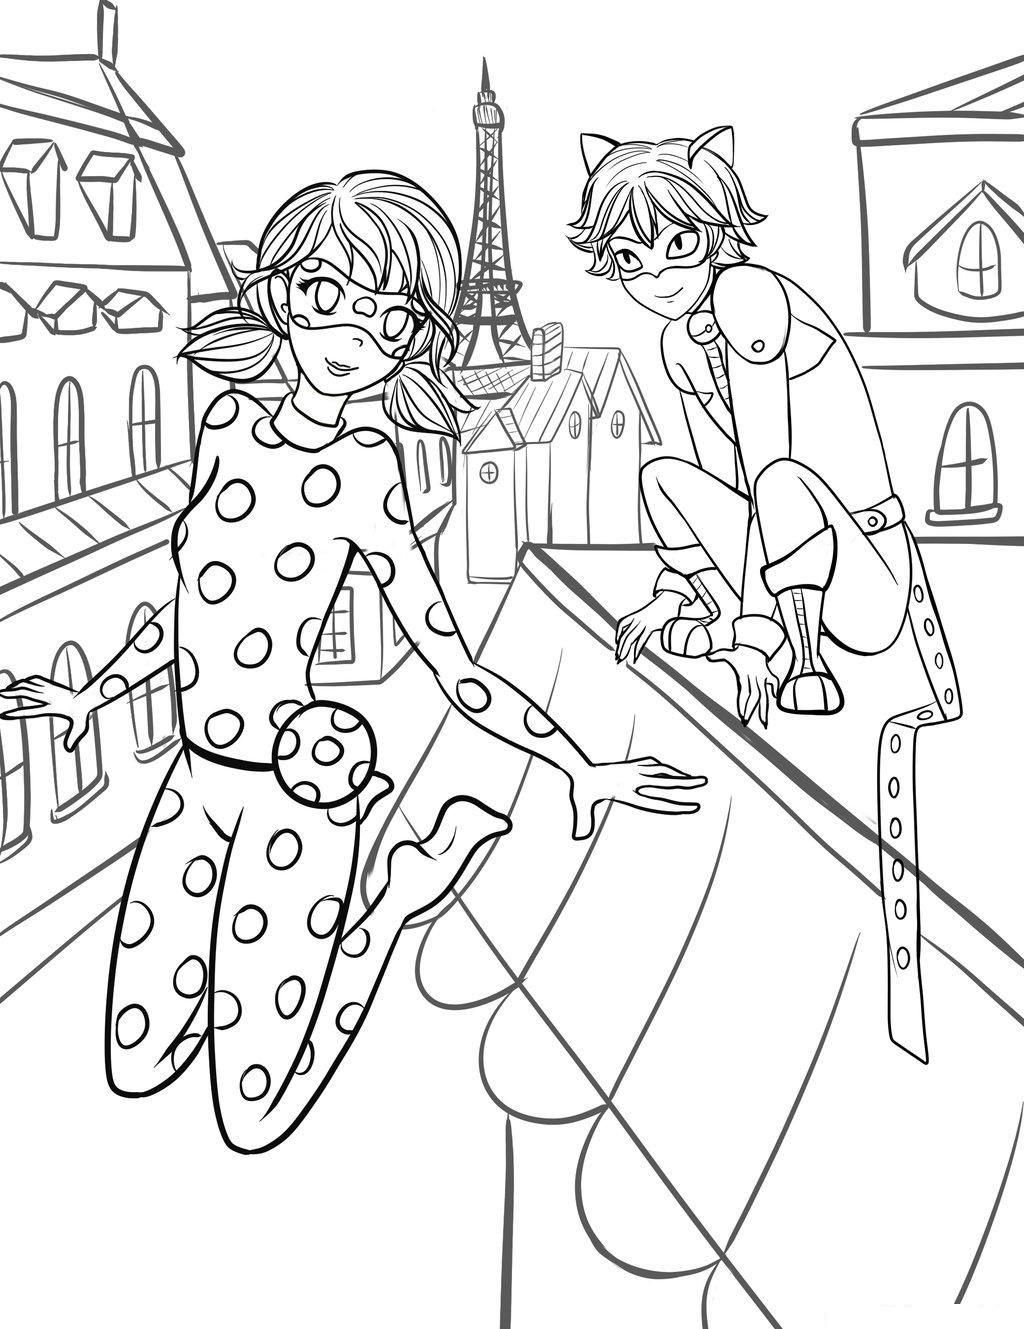 Desenho de carnaval para colorir - Anime